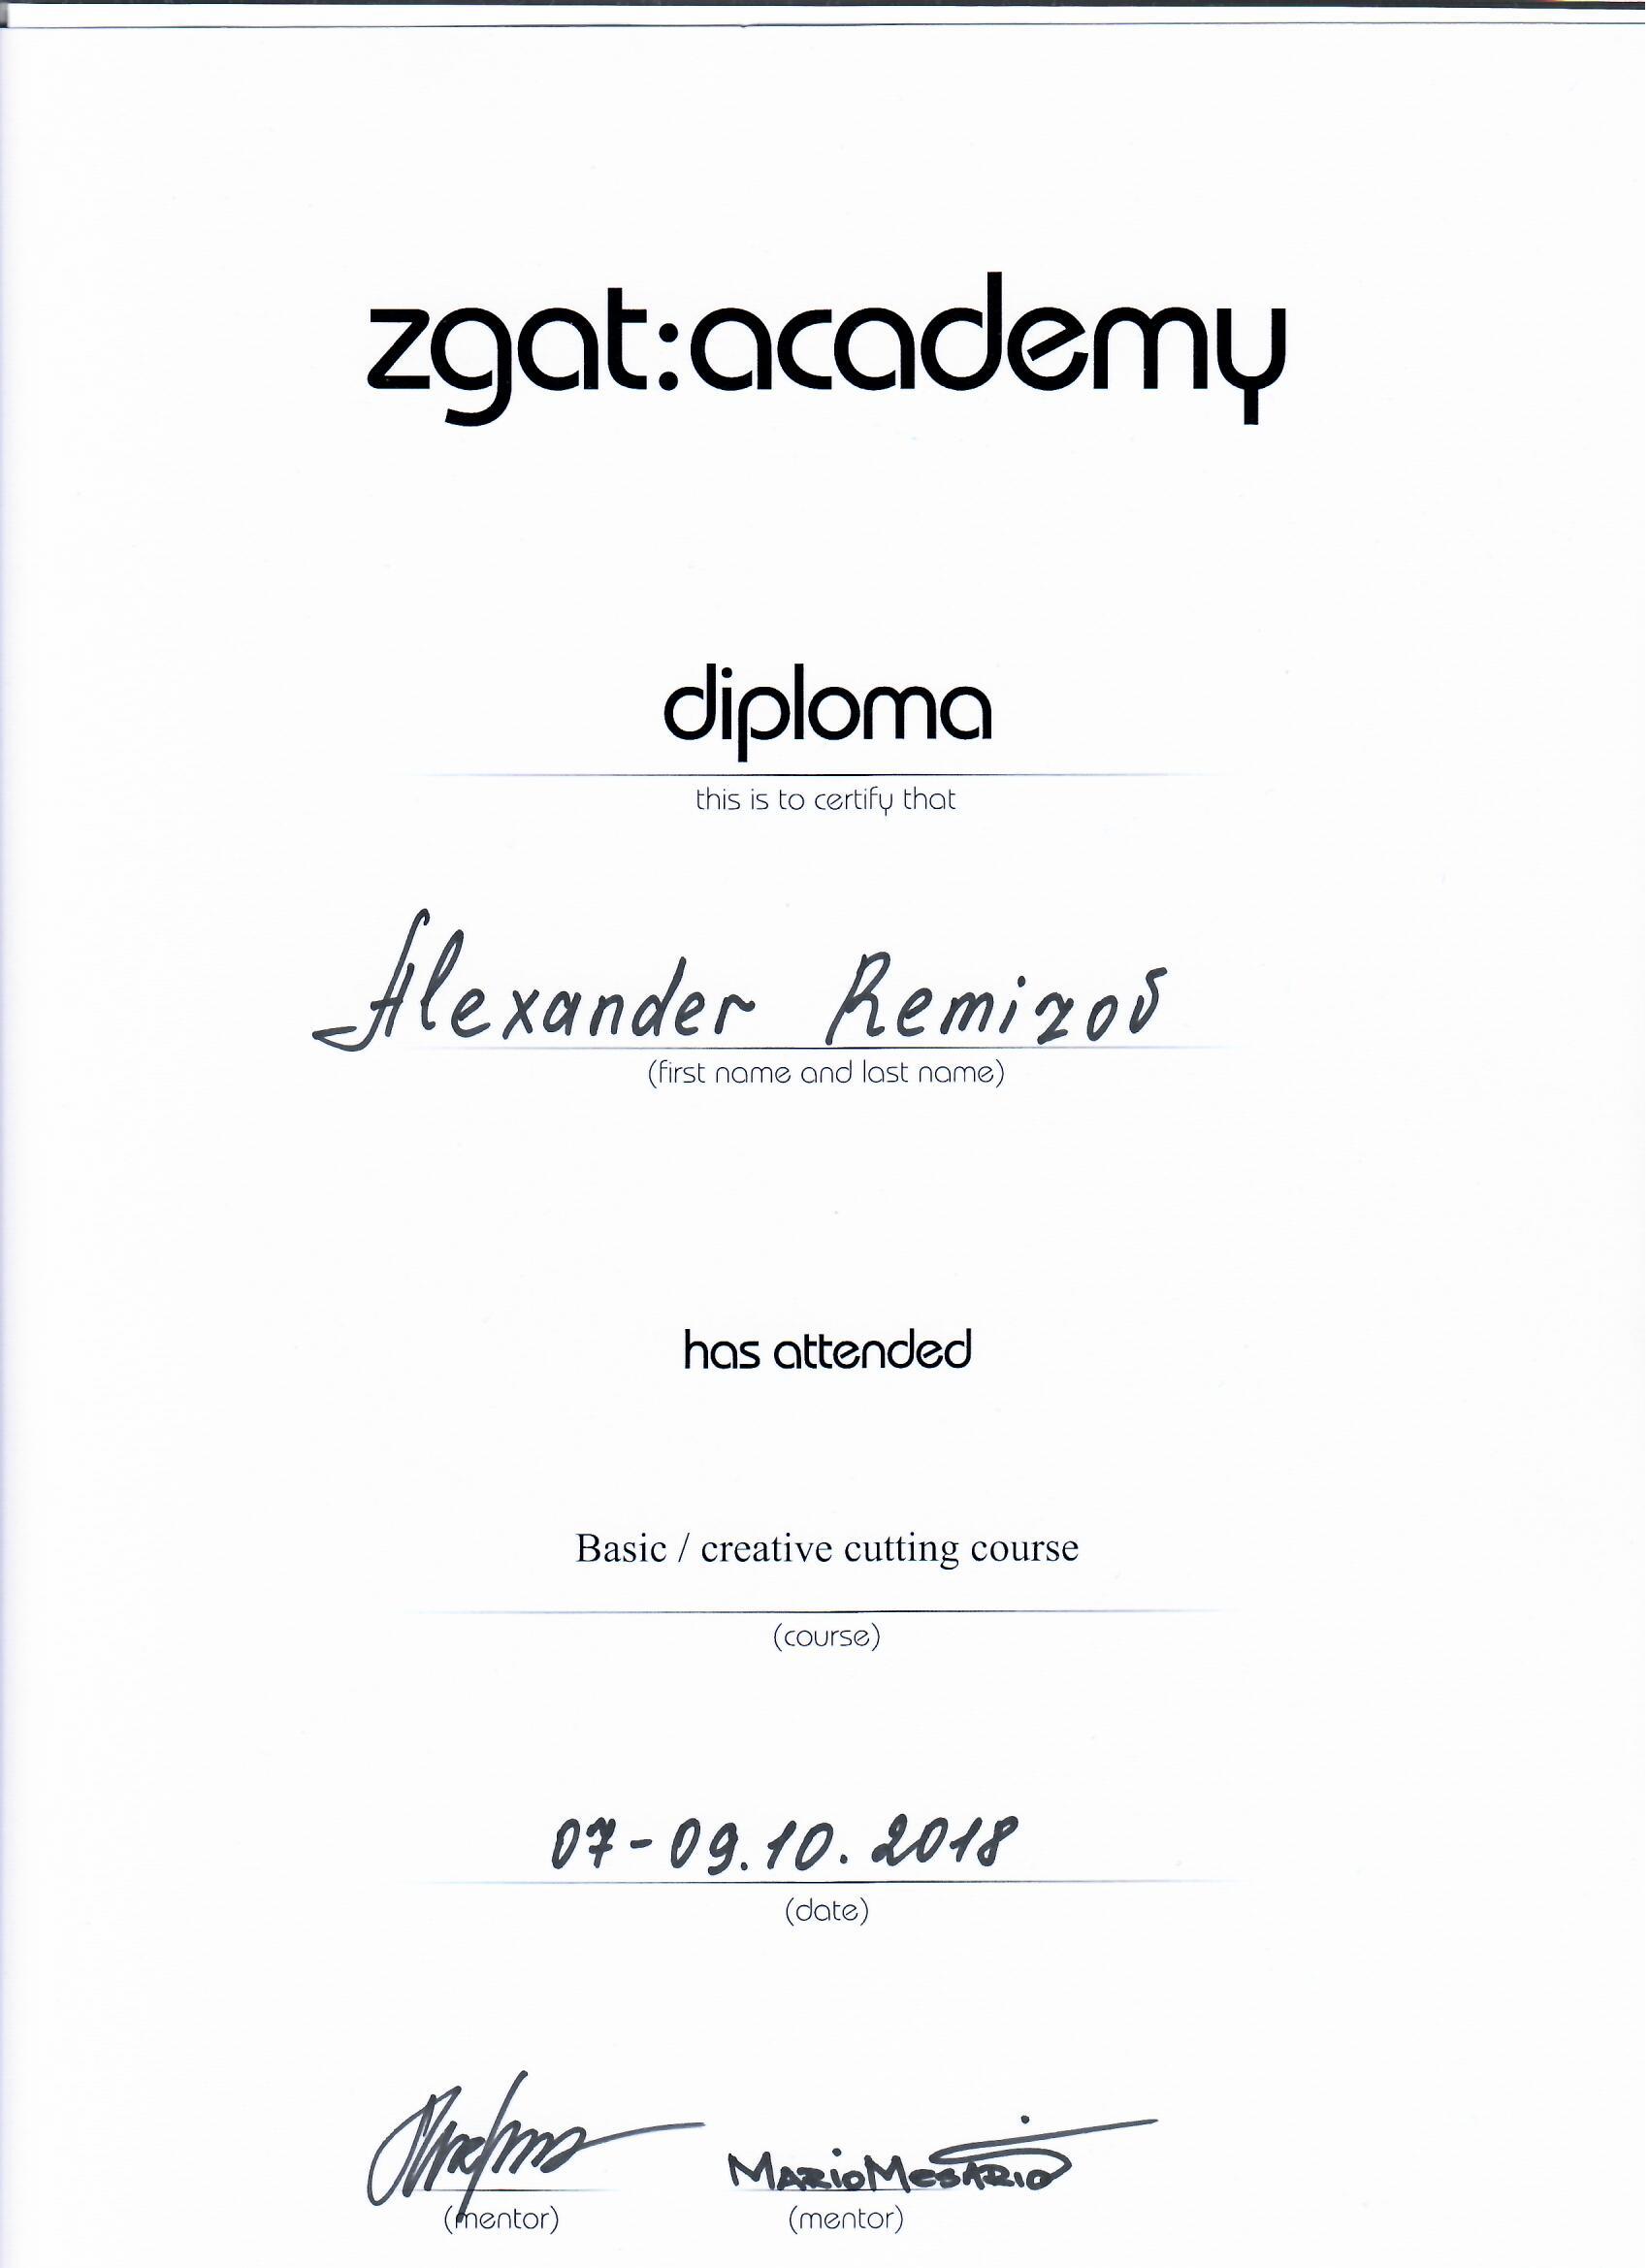 2018 обучение в ZGAT academy